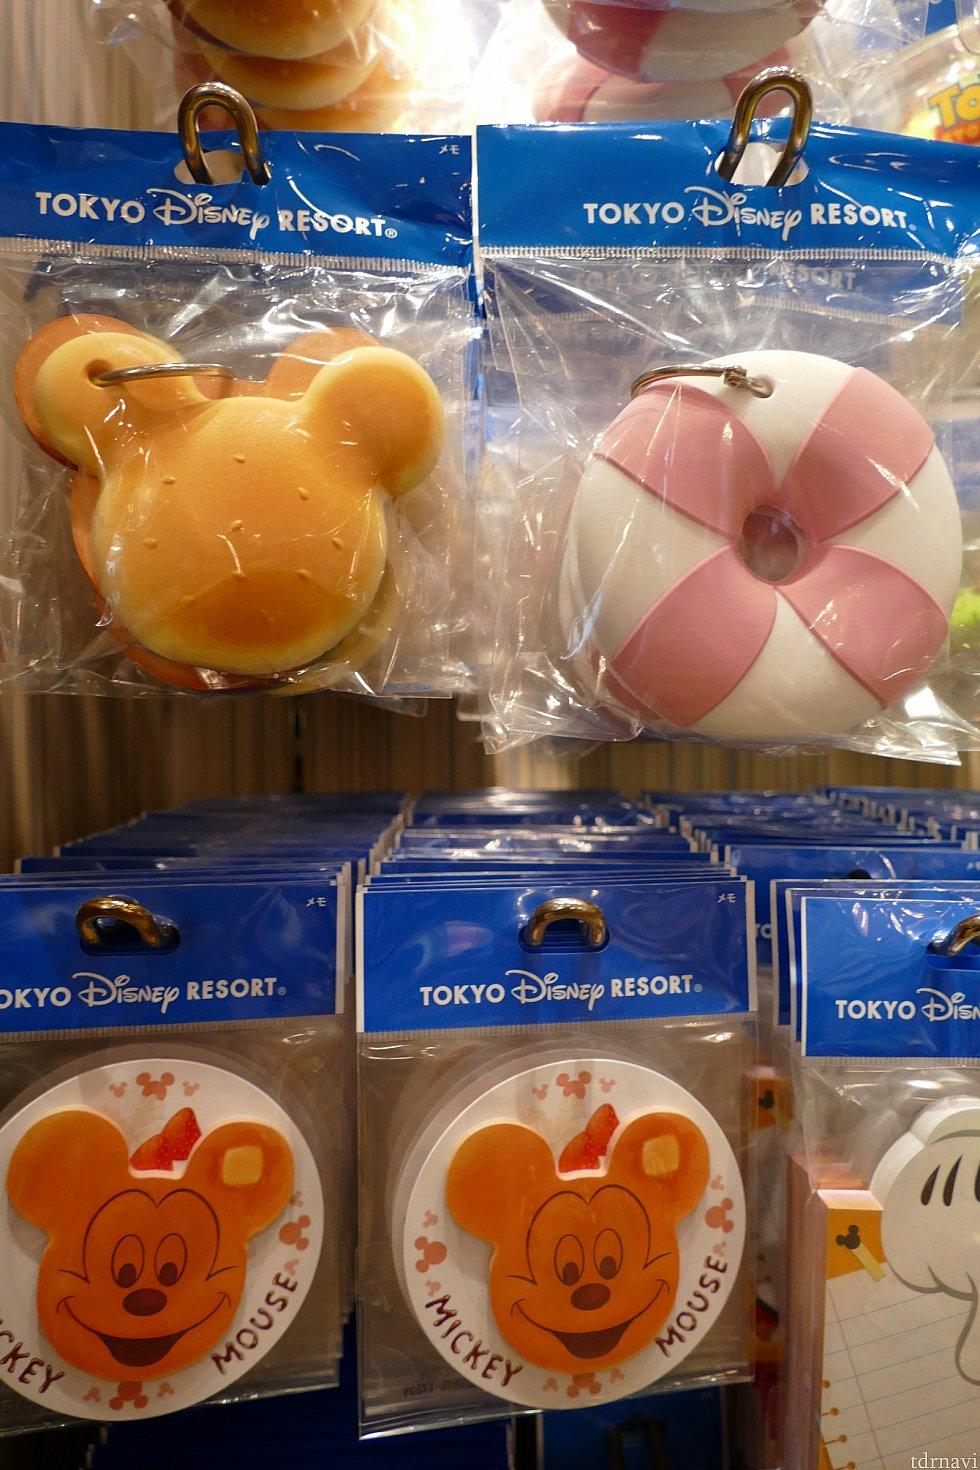 ここからはステーショナリーを紹介します!💓 ミッキーバーガーやうきわまん、ミッキーパンケーキのメモ帳! 上の2つはしっかりとした作りで存在感大!